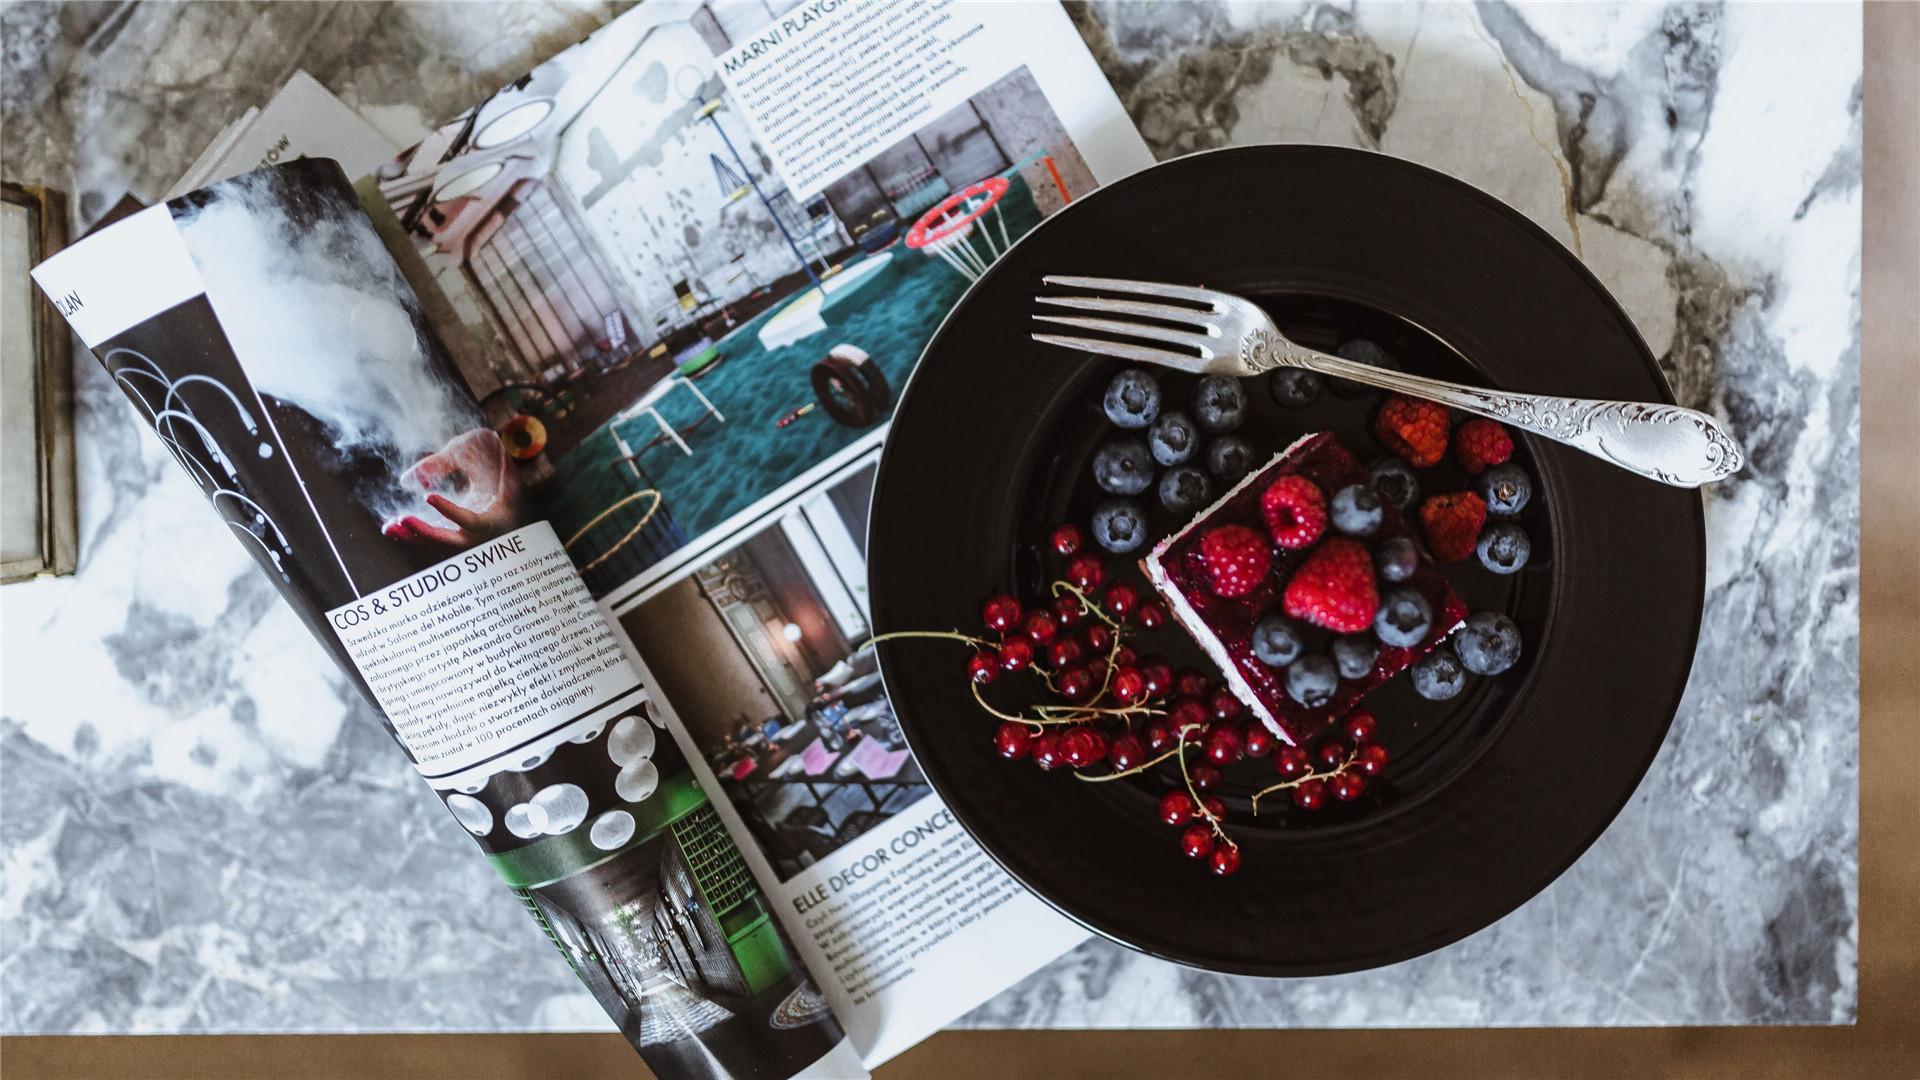 蓝莓水果蛋糕甜品美食高清桌面壁纸图片